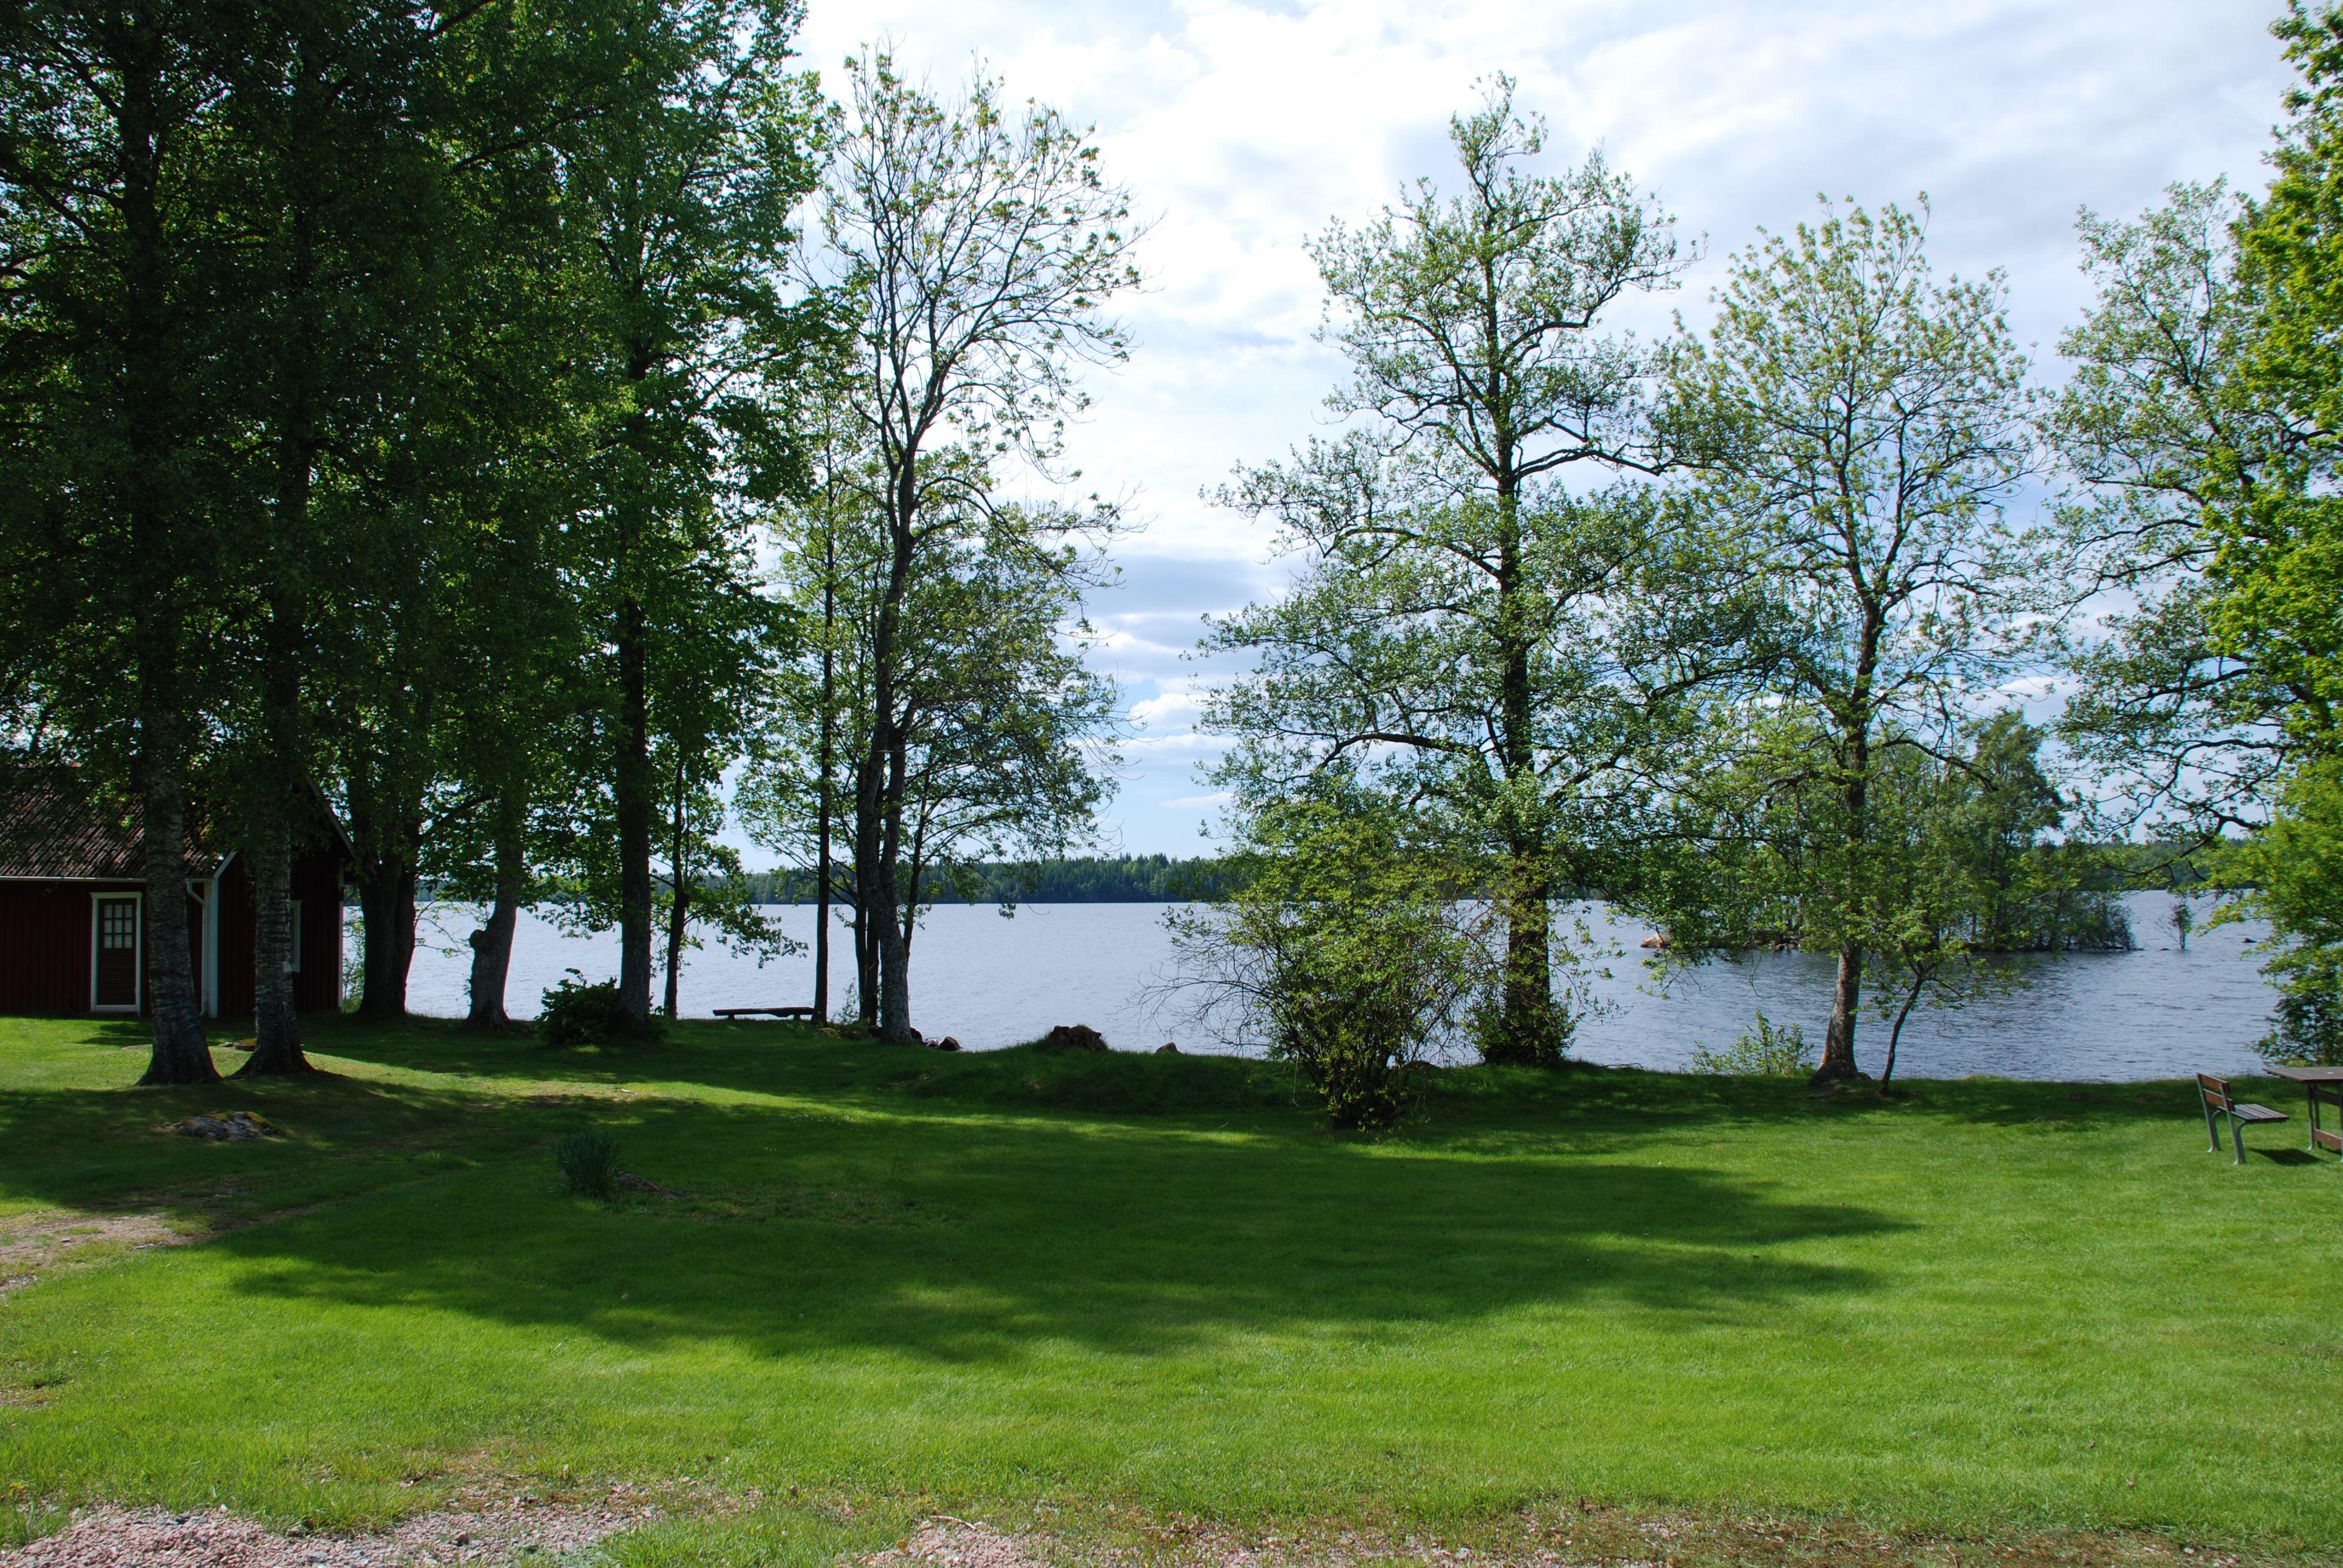 Ställplats Sandvik vid Fegensjön